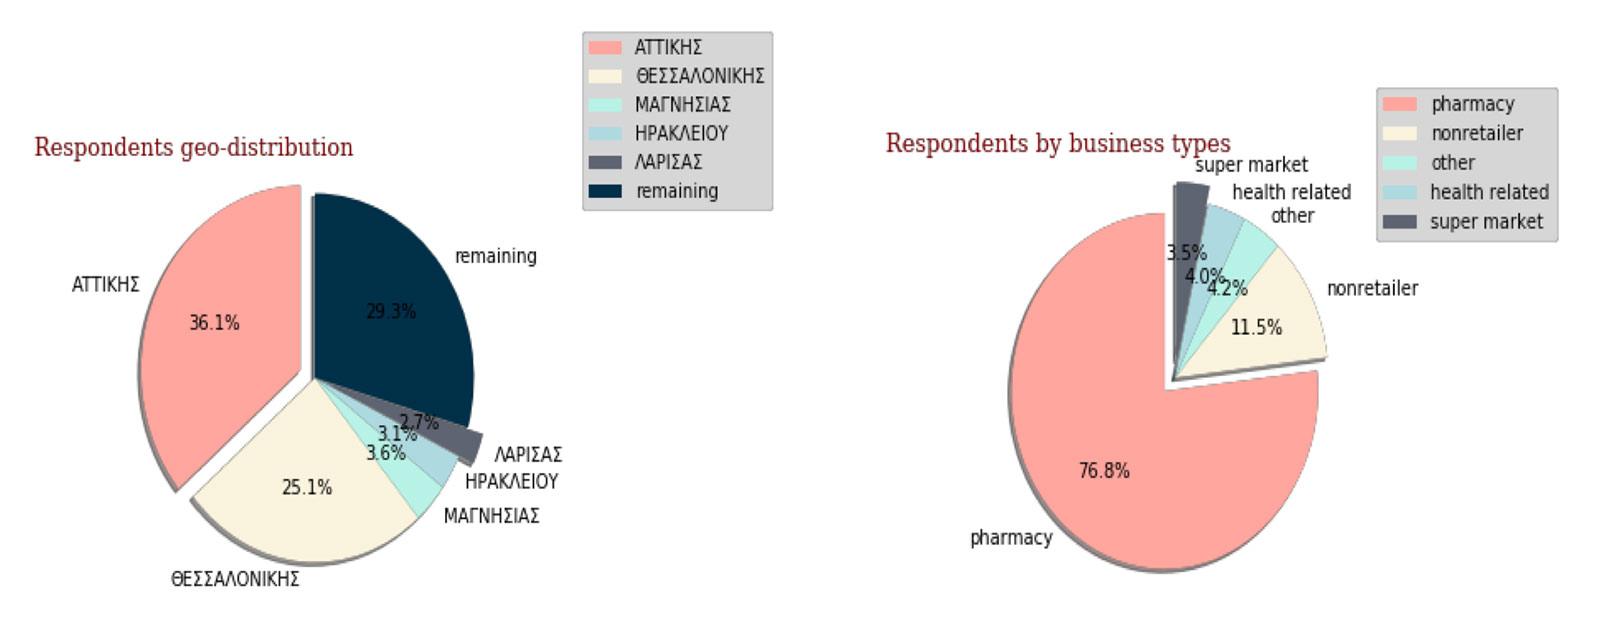 Επιτροπή Ανταγωνισμού: Έρευνα για τις ανατιμήσεις υγειονομικού υλικού λόγω COVID-19